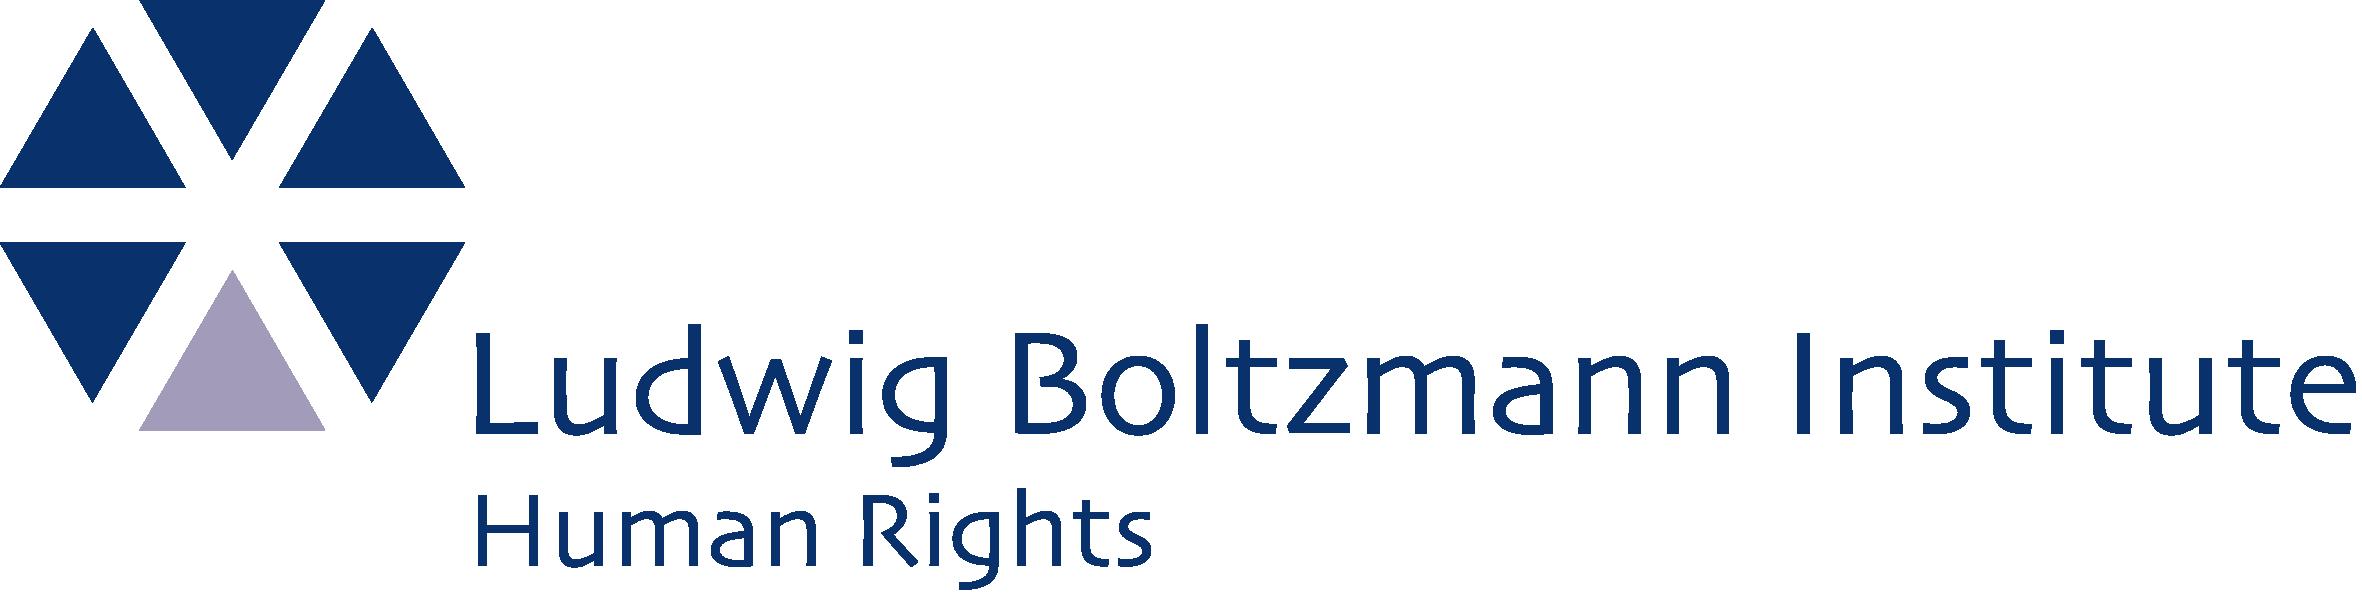 Ludwig Boltzmann Institute